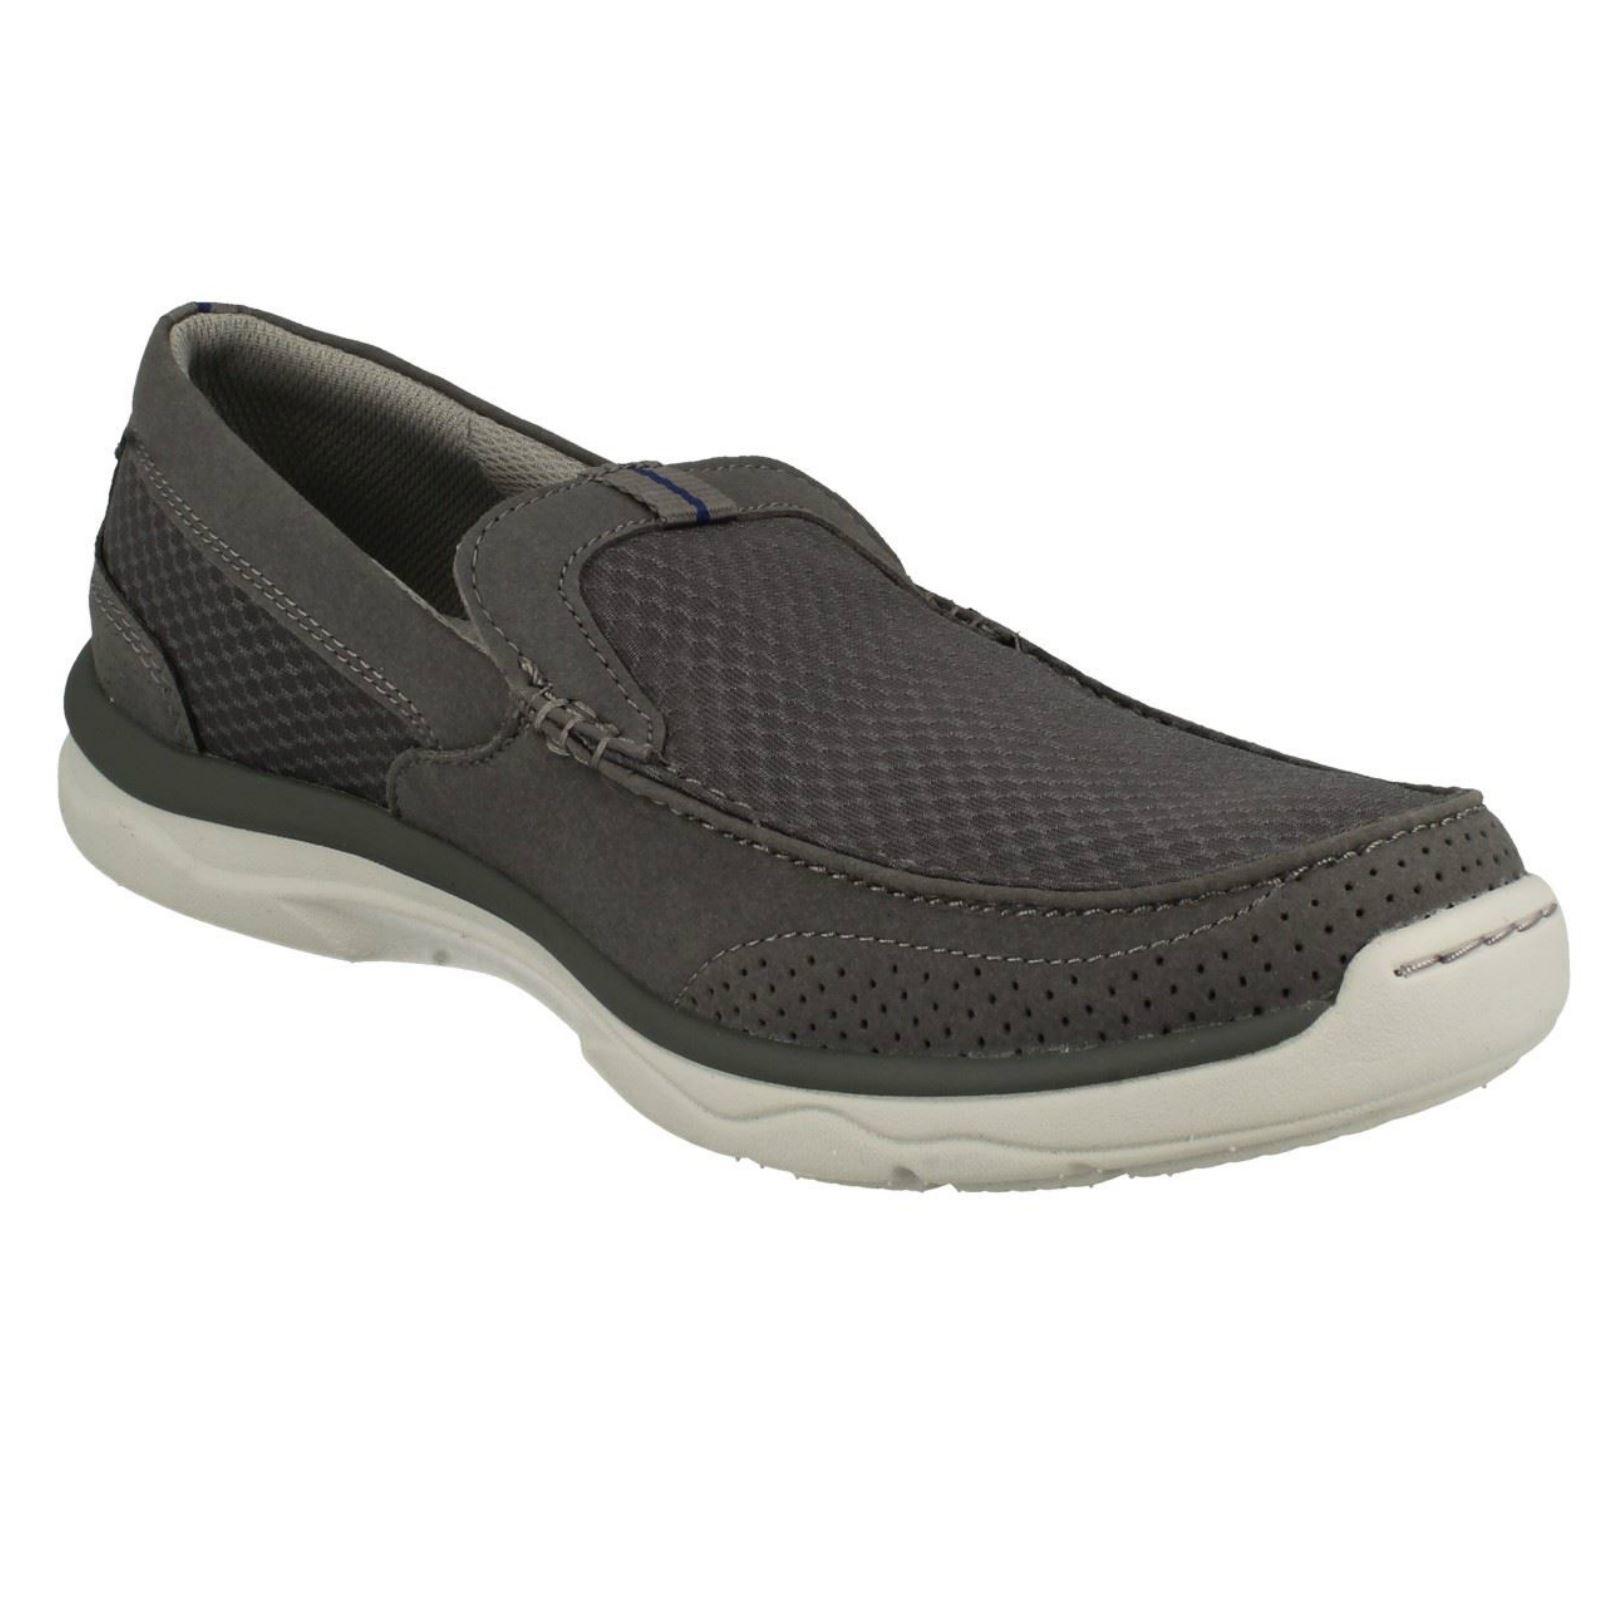 Casuales Zapatos Clarks Hombre Marus Sin Cordones Step wIAzyqz8f